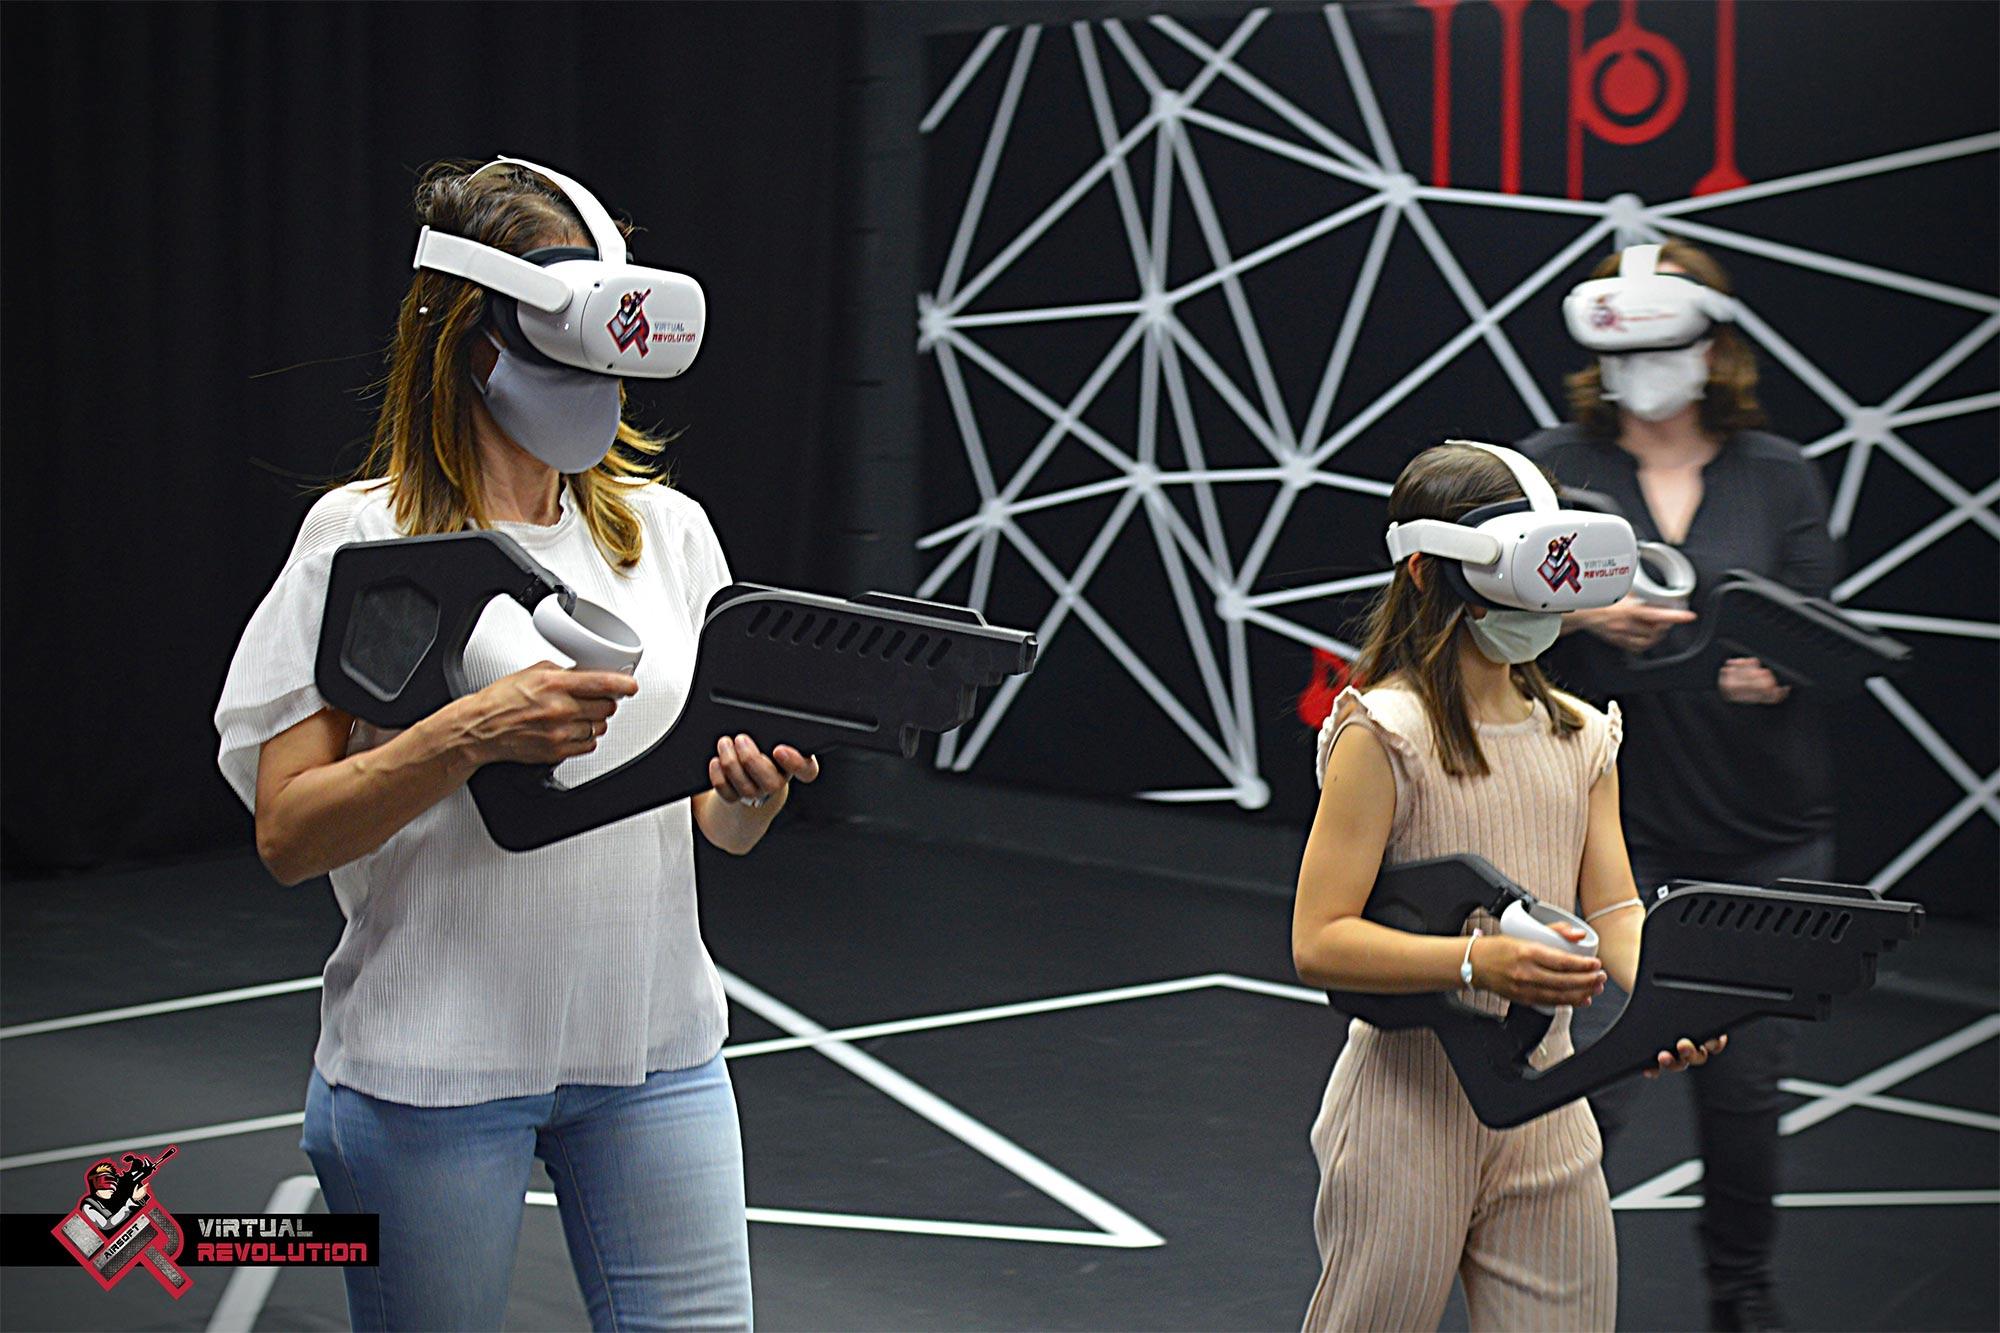 Pistolas (juguete) realidad virtual, para VR AIRSOFT_ EXarchitects